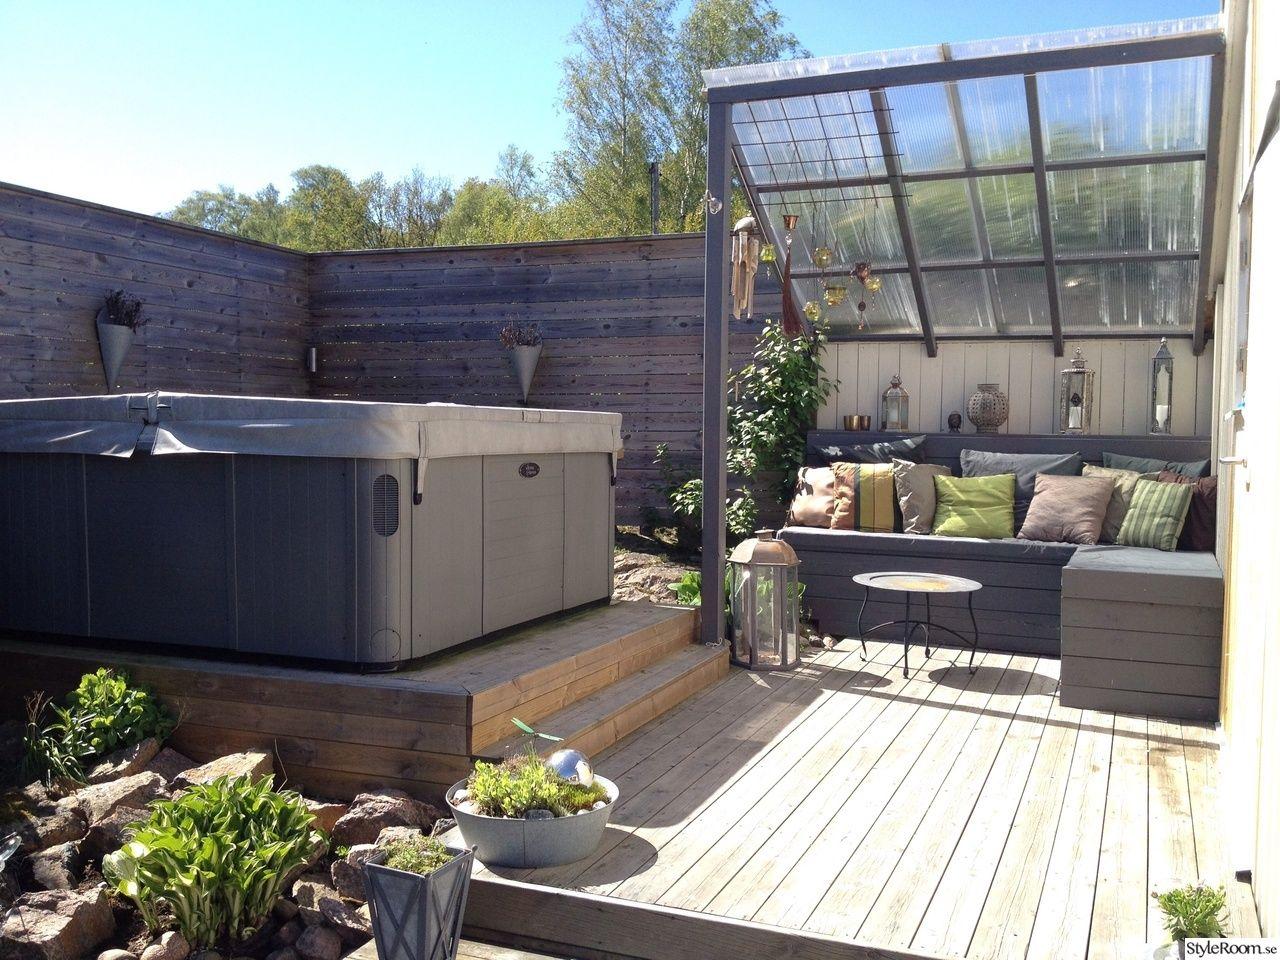 Bra jacuzzi utomhus,trädgård   Outdoor spaces i 2019   Altaner ute DV-36